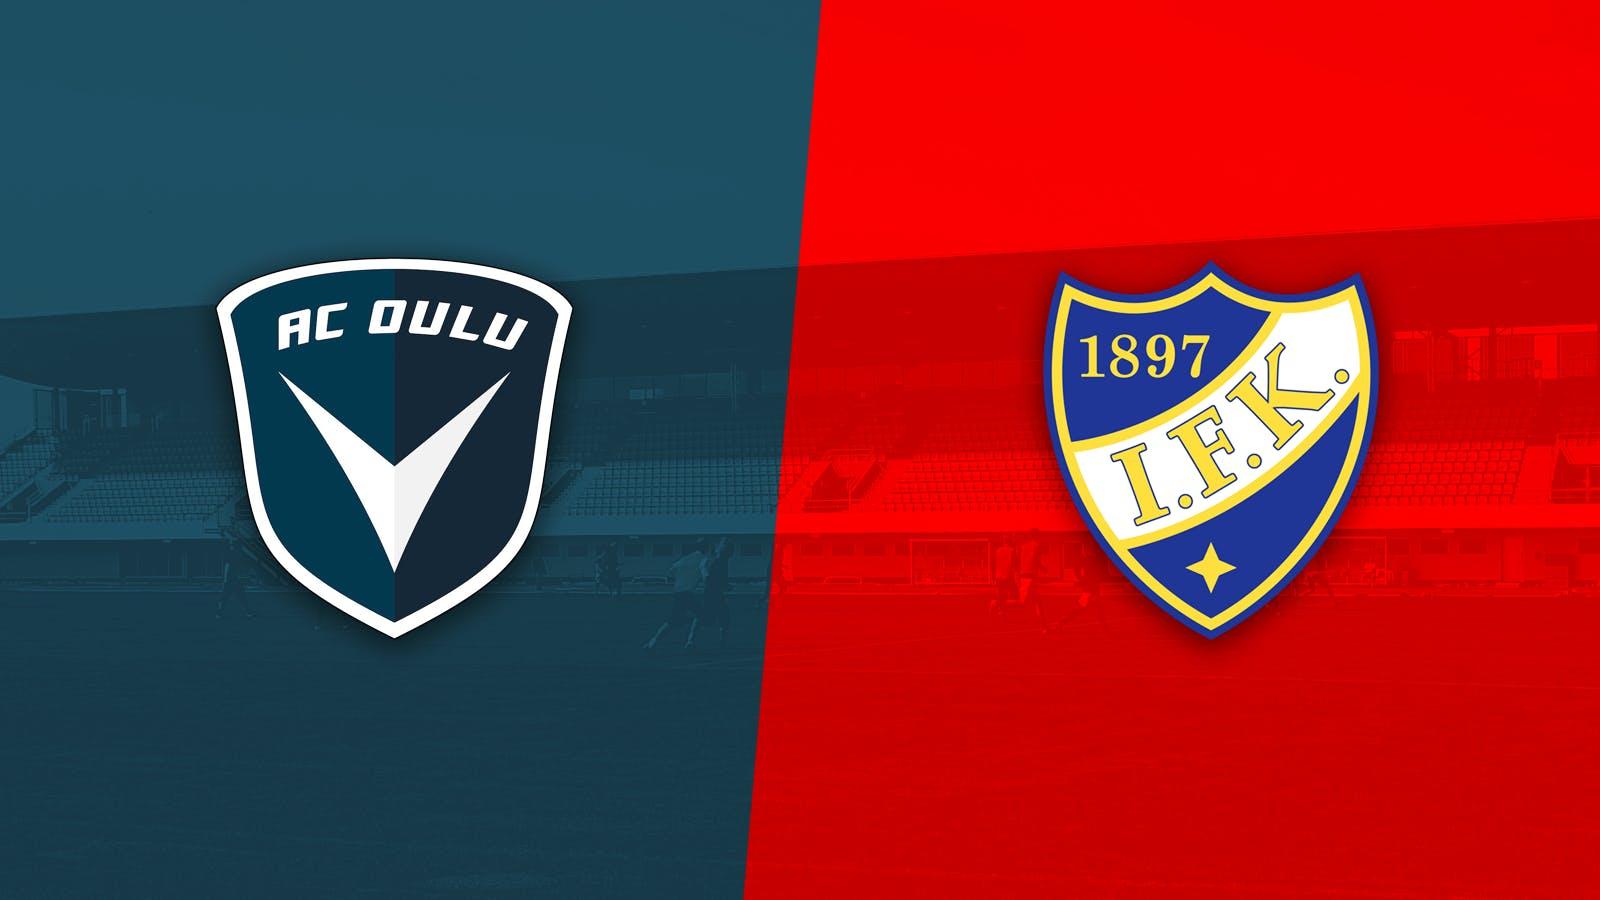 Otteluennakko: AC Oulu – HIFK La 1.9. klo 17:00